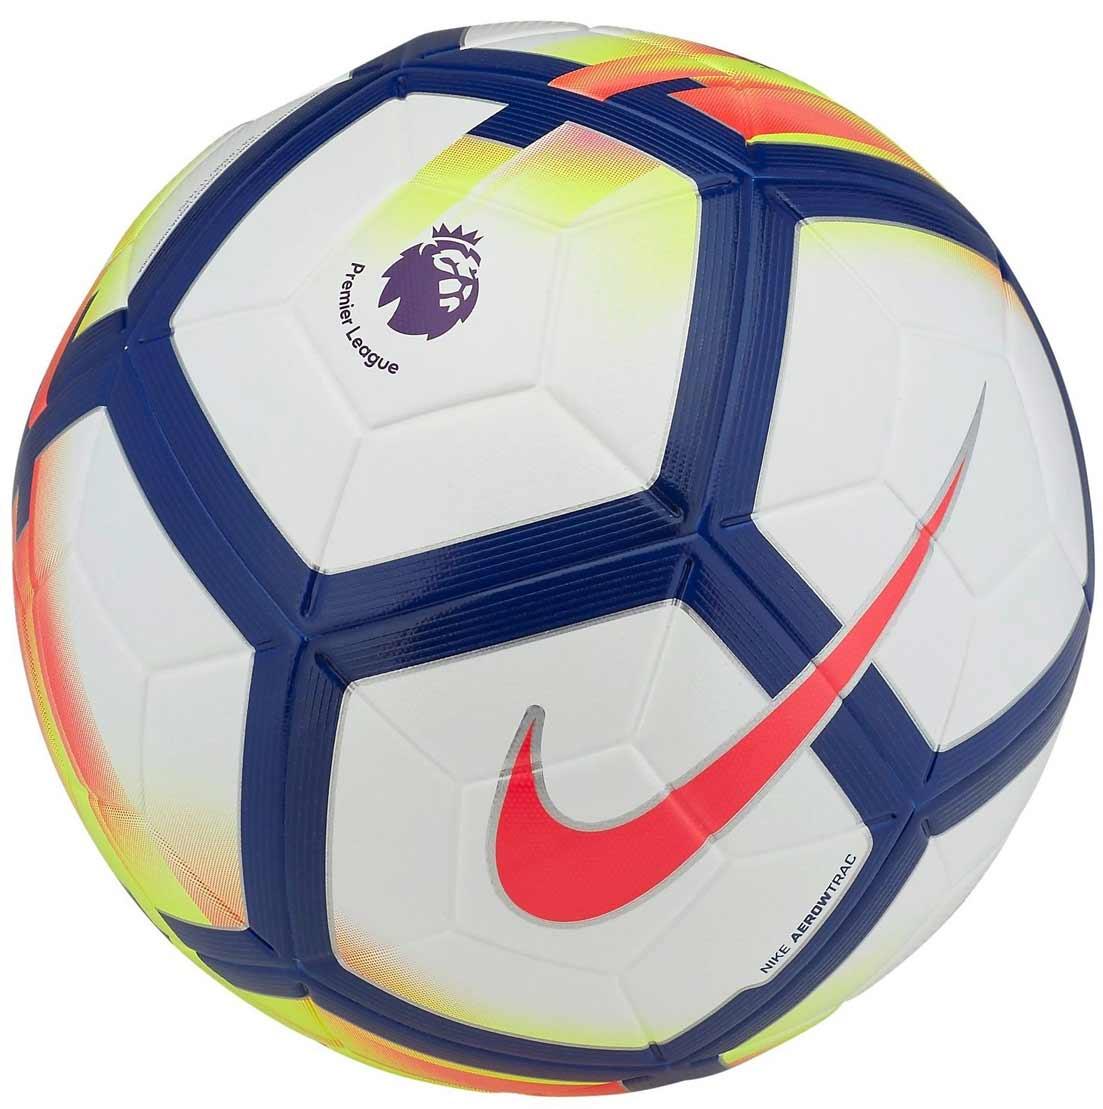 Официальный мяч Английской премьер Лиги сезона 2017-2018 — Nike Ordem 5